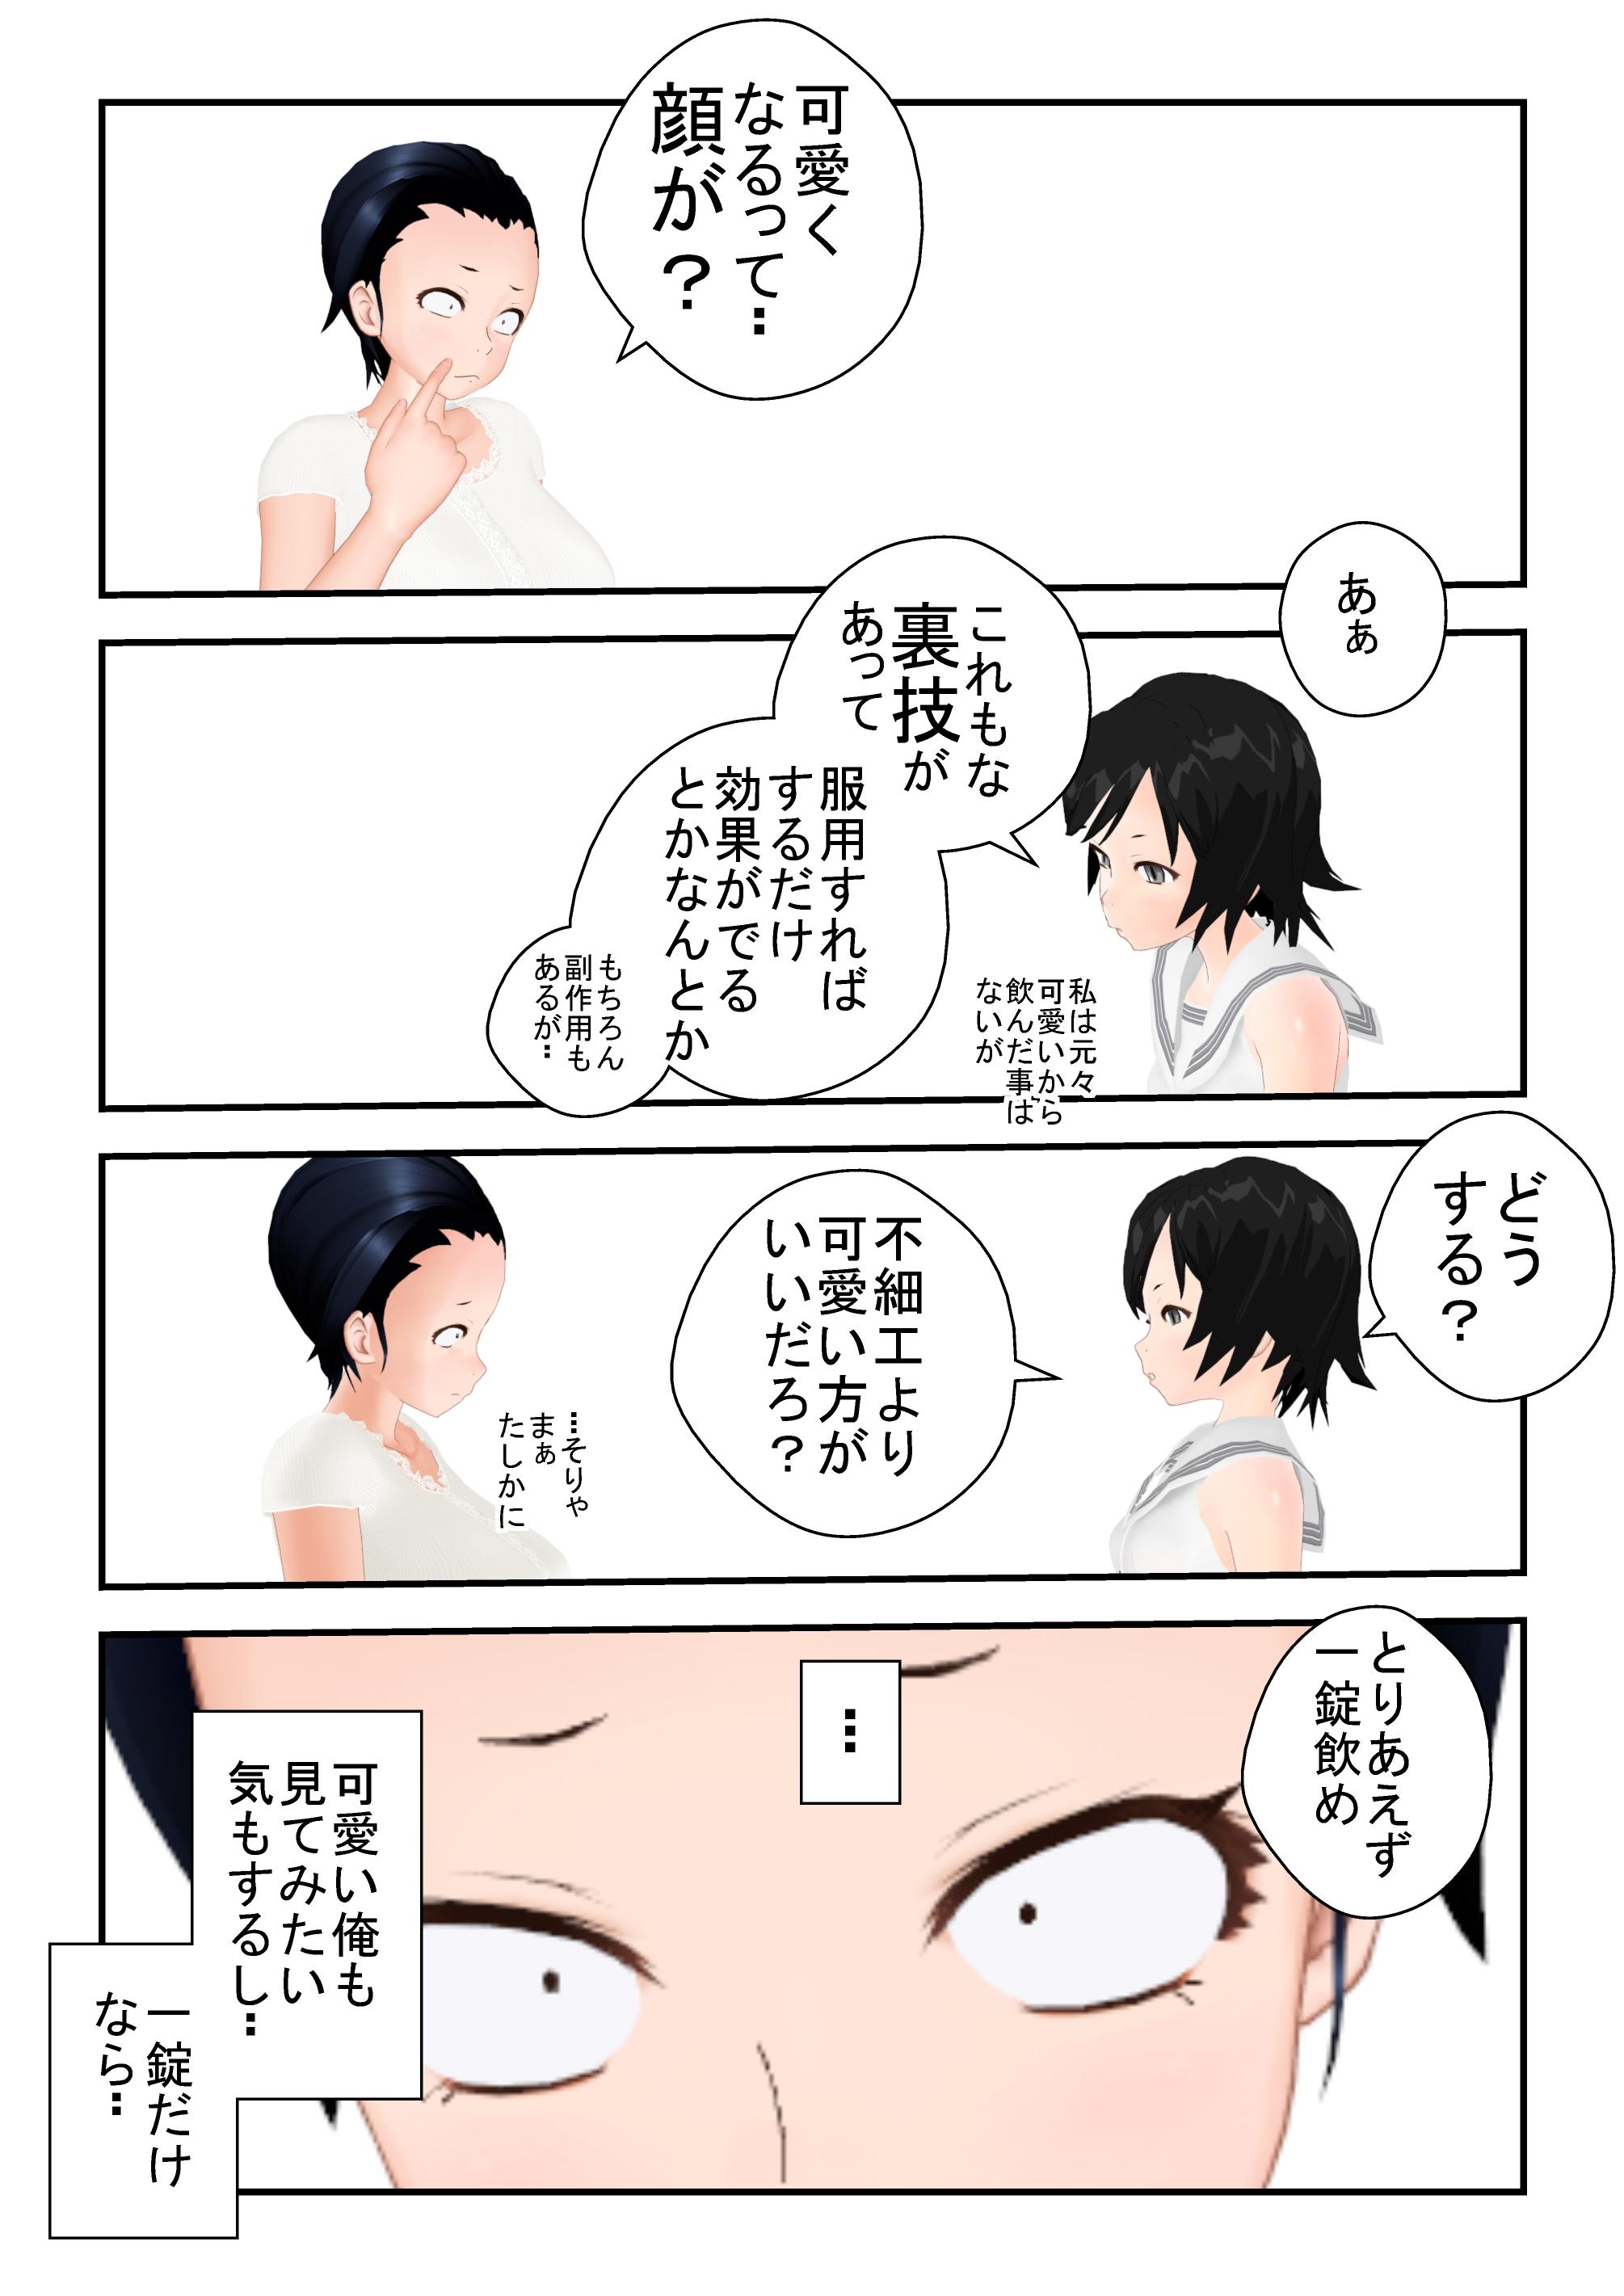 okusuri_0014.jpg